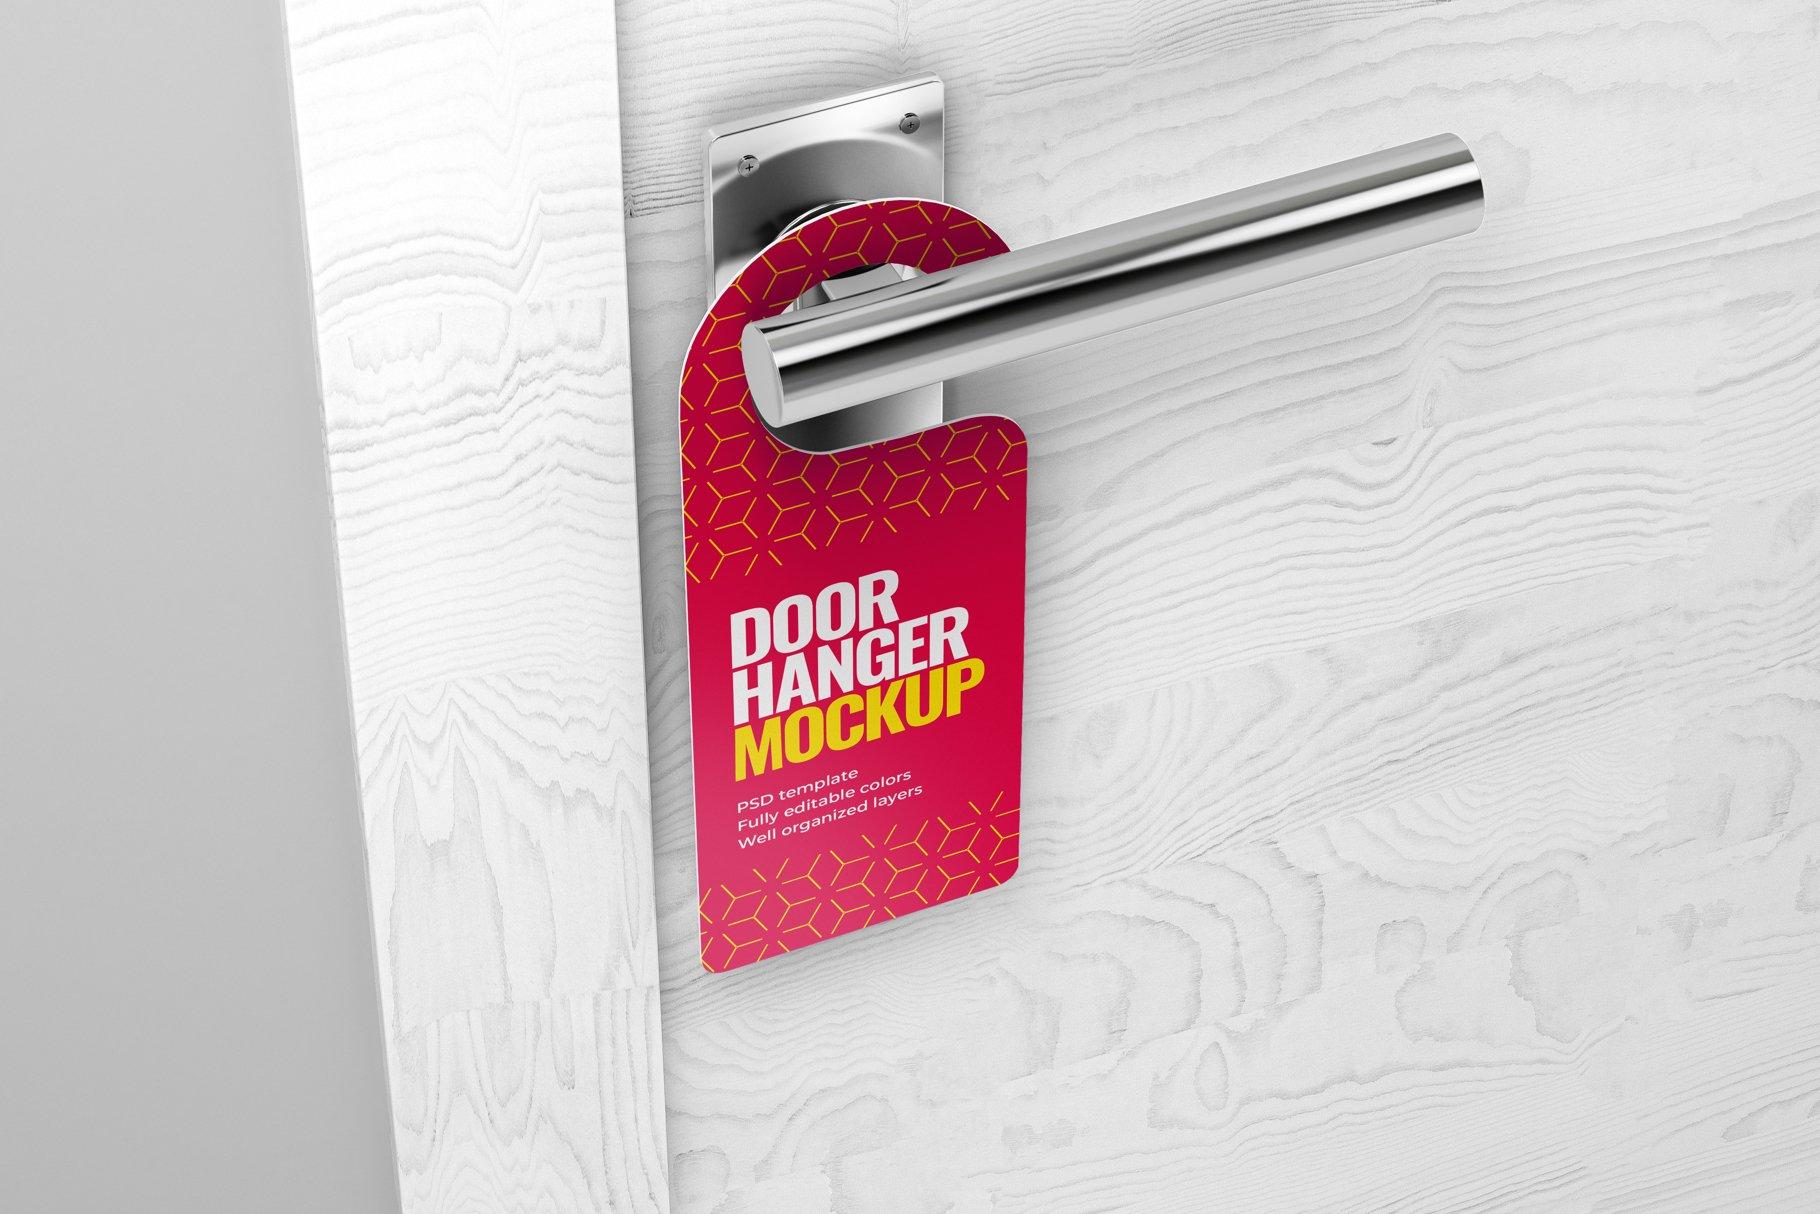 酒店门把手吊牌设计展示样机模板 Door Hanger Mockup Set插图(6)